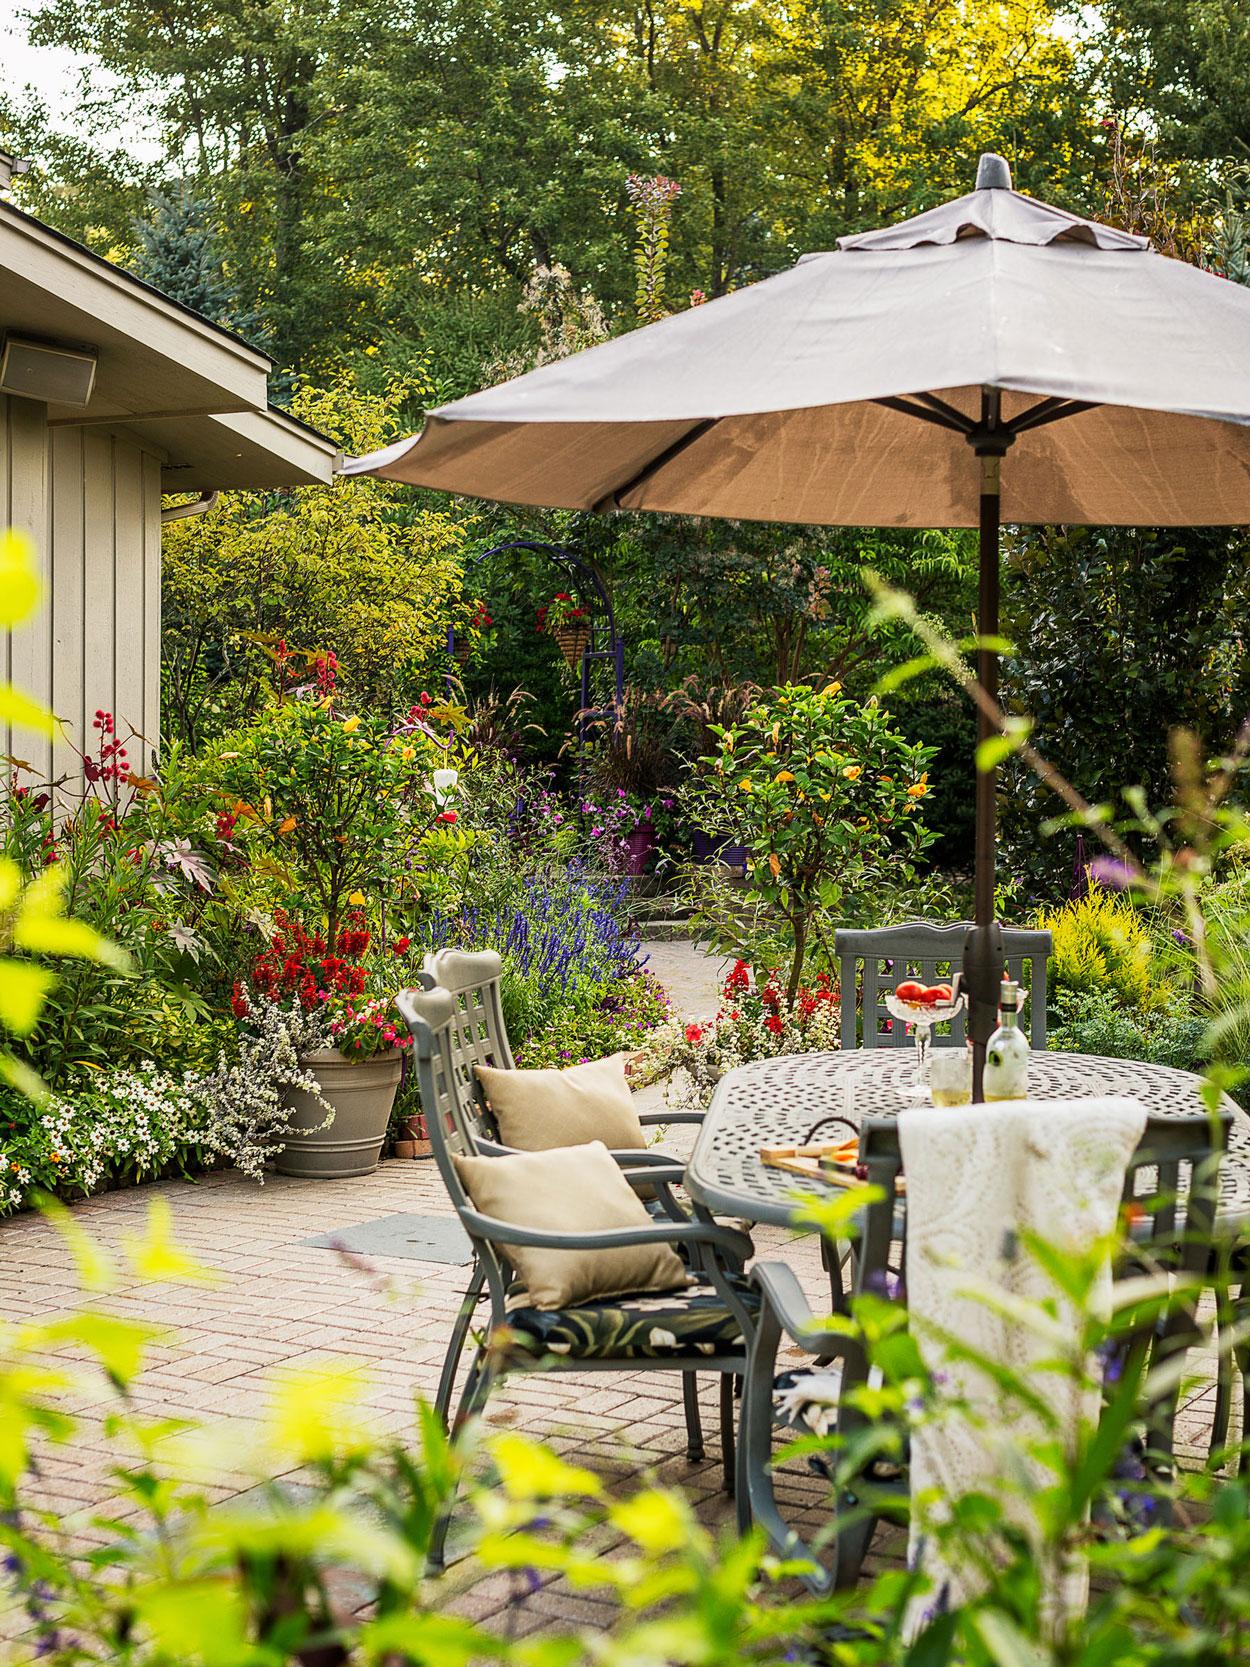 Butterfly-friendly backyard